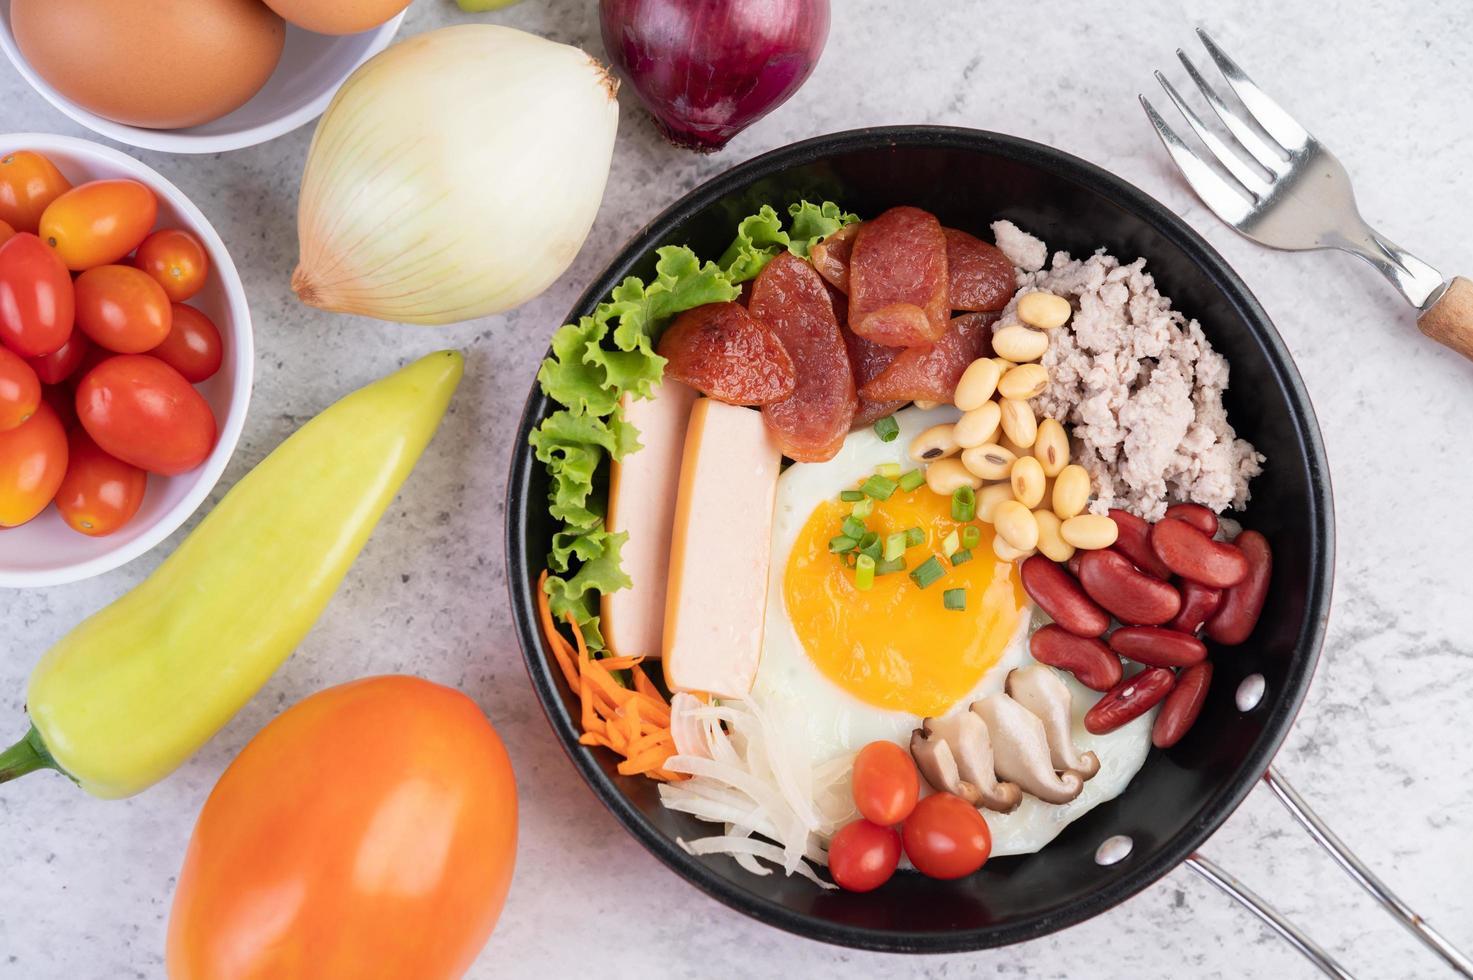 groentesalade met brood en gekookte eieren foto